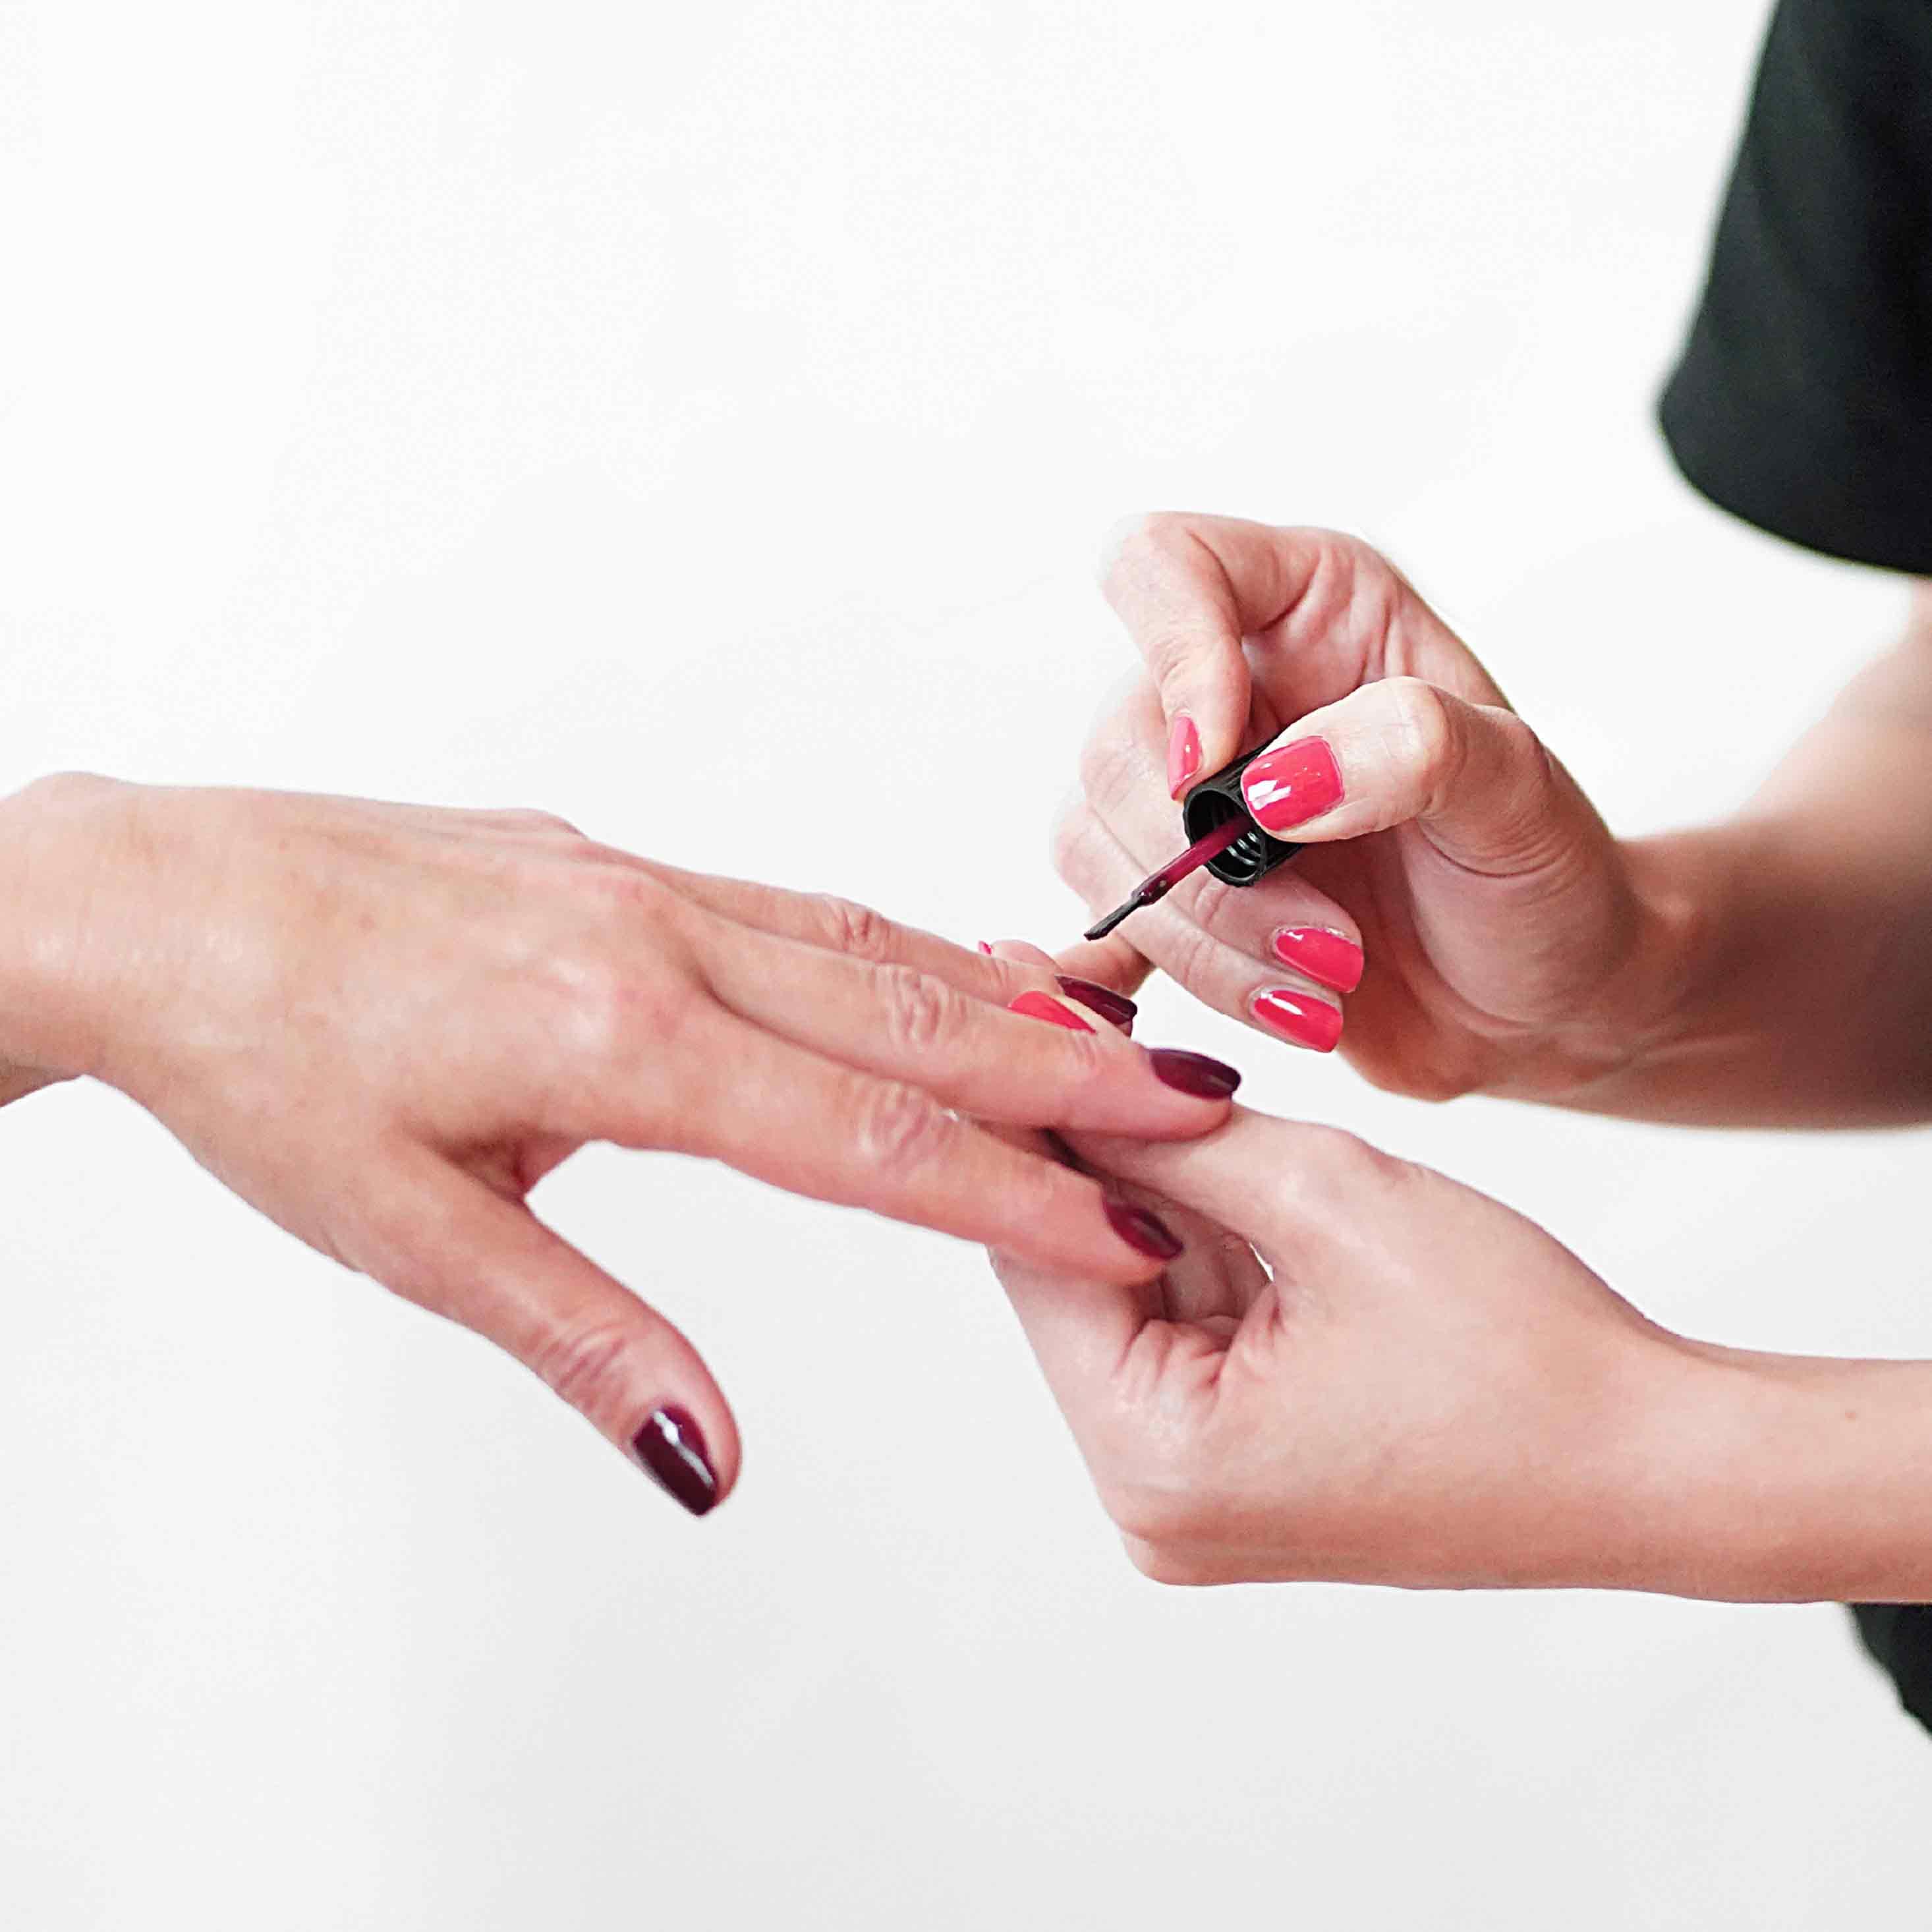 Incluye retirada de esmaltado permanente, limado y pulido de uñas, retirada de cutícula, hidratación de la cutícula, limado de durezas, hidratación de pies y manos, y esmaltado permanente